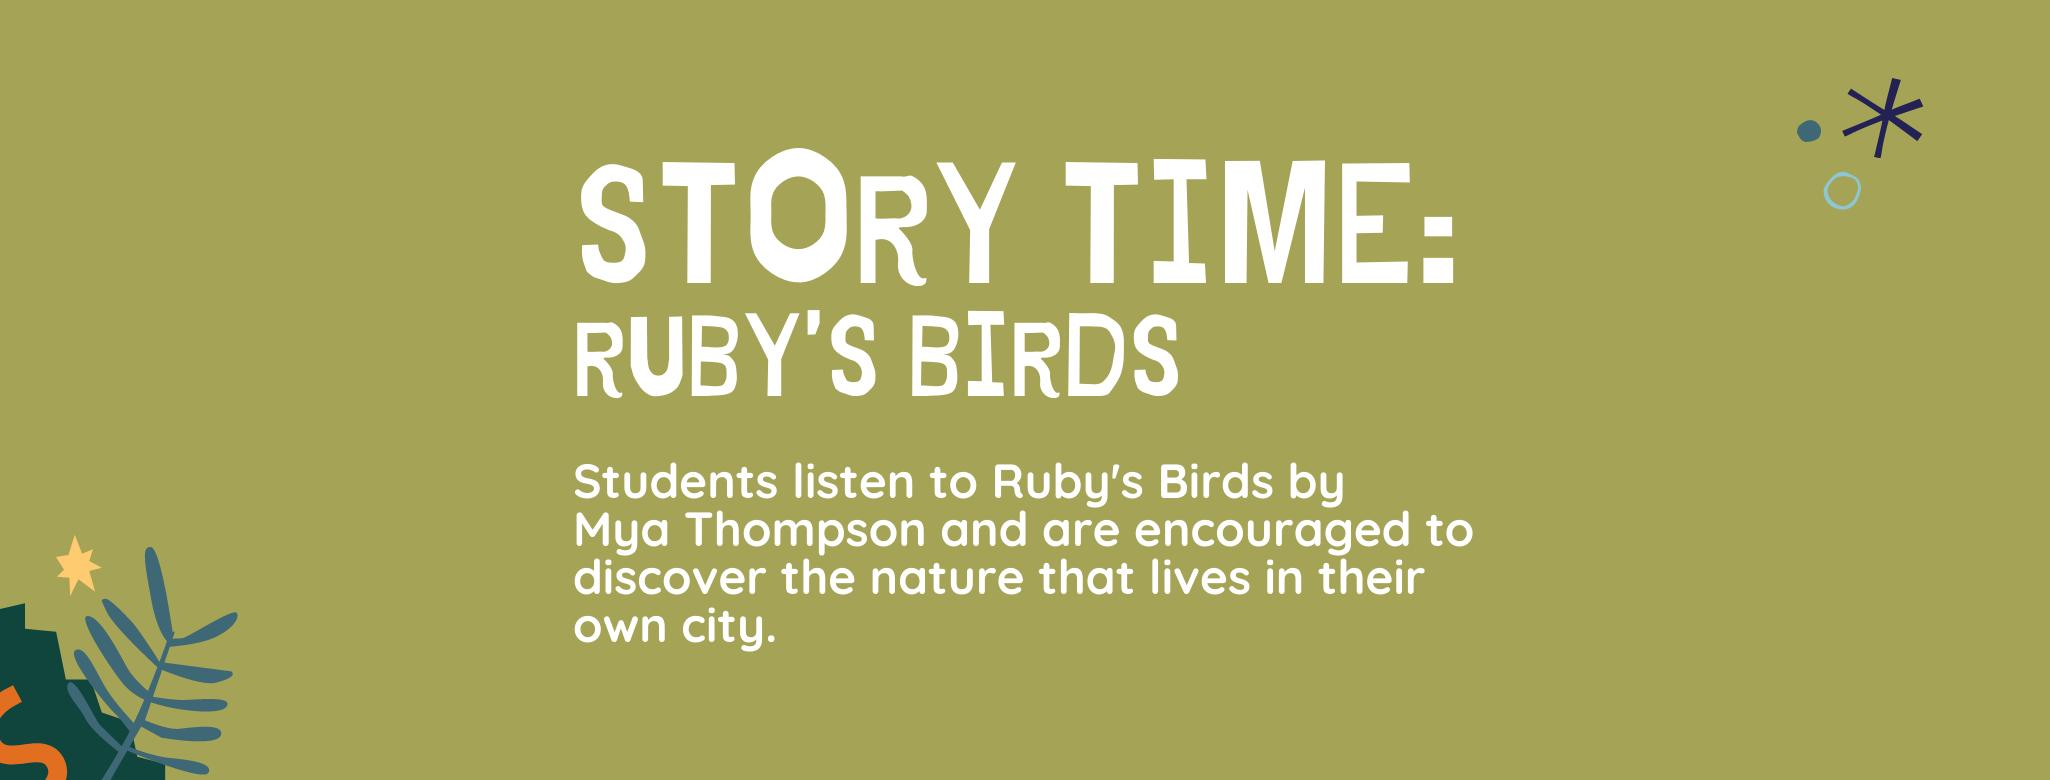 Story Time: Ruby's Birds